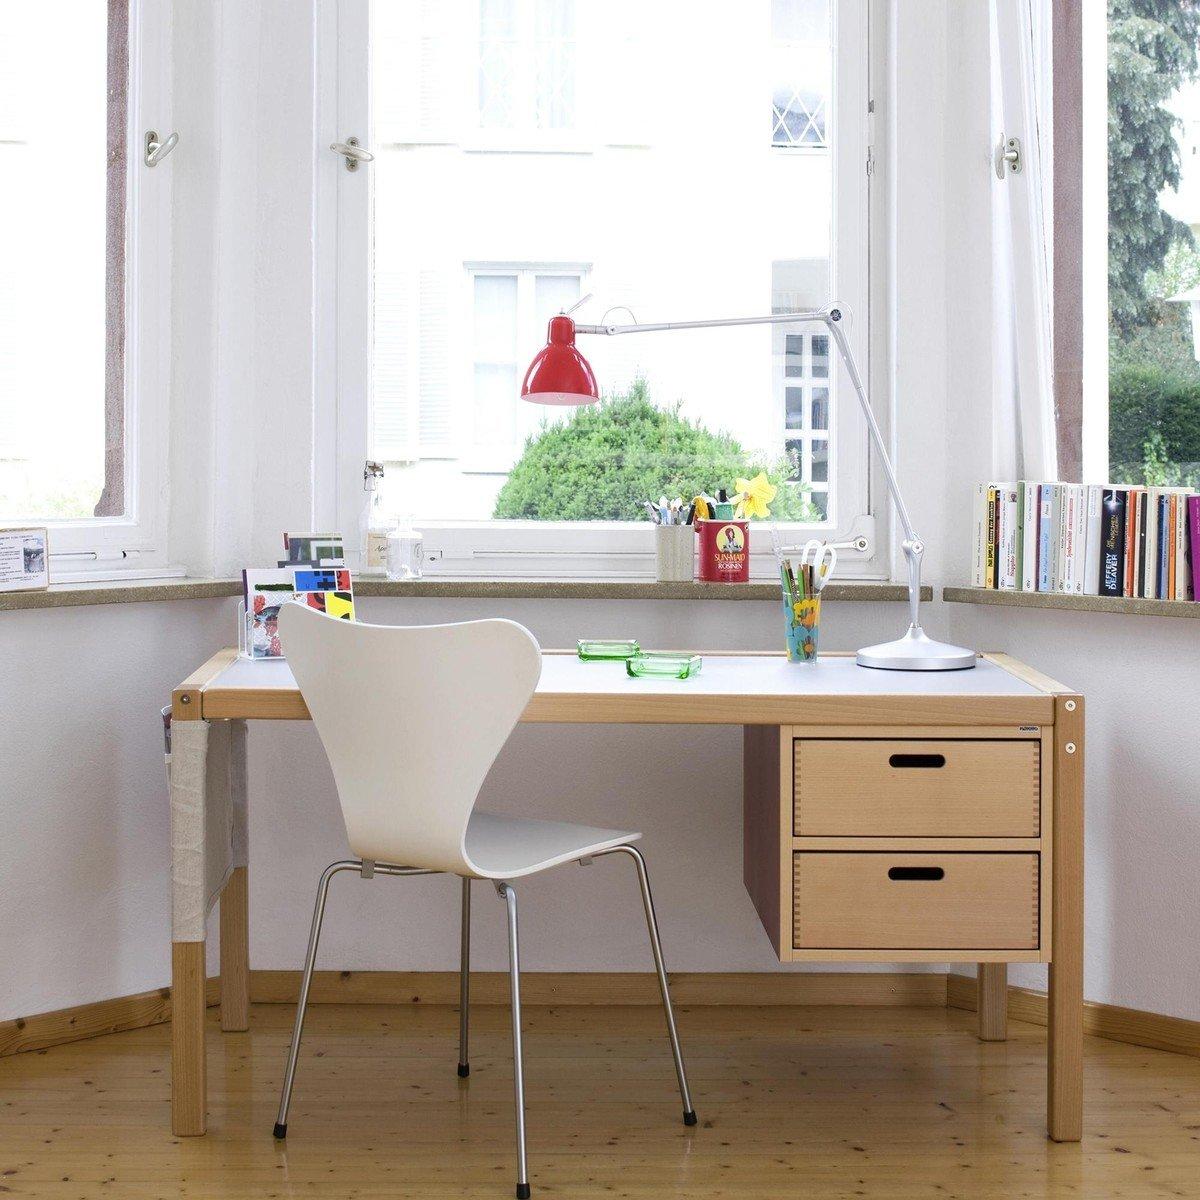 Flötotto Profilsystem flötotto profilsystem junior office table flötotto